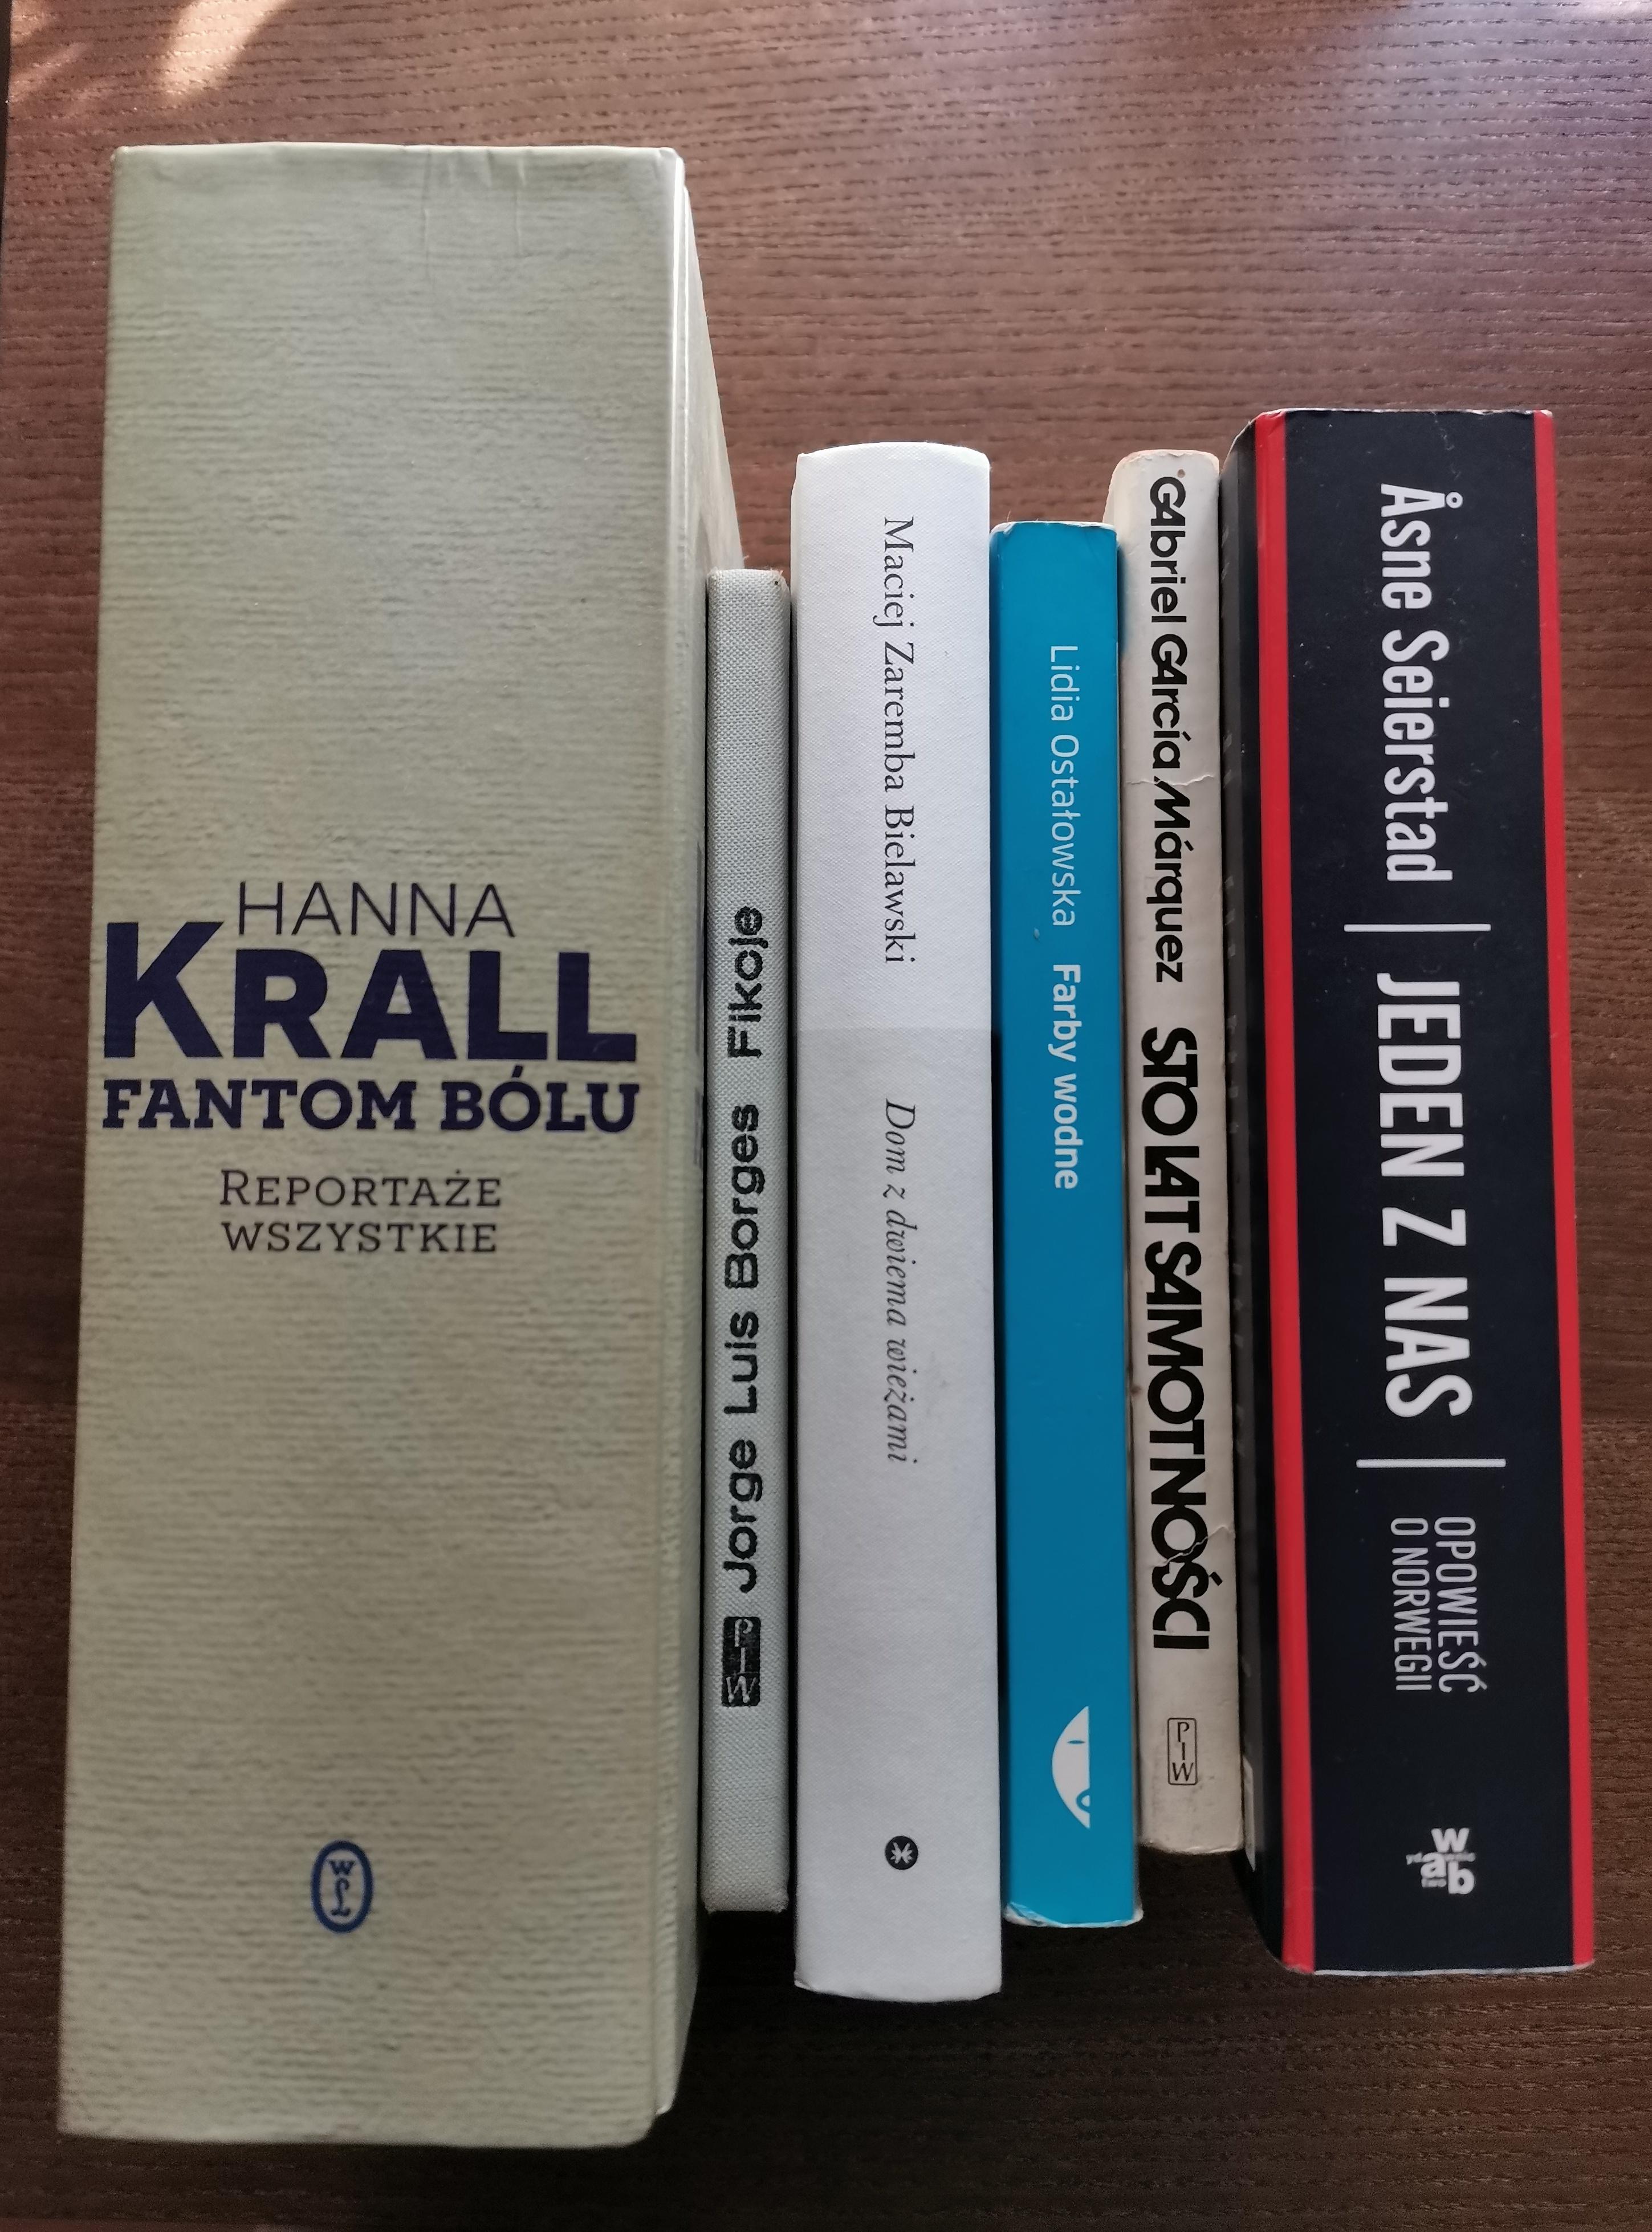 Książki mojego życia (prawie wszystkie). Wpis dla ceniących sobie chaos